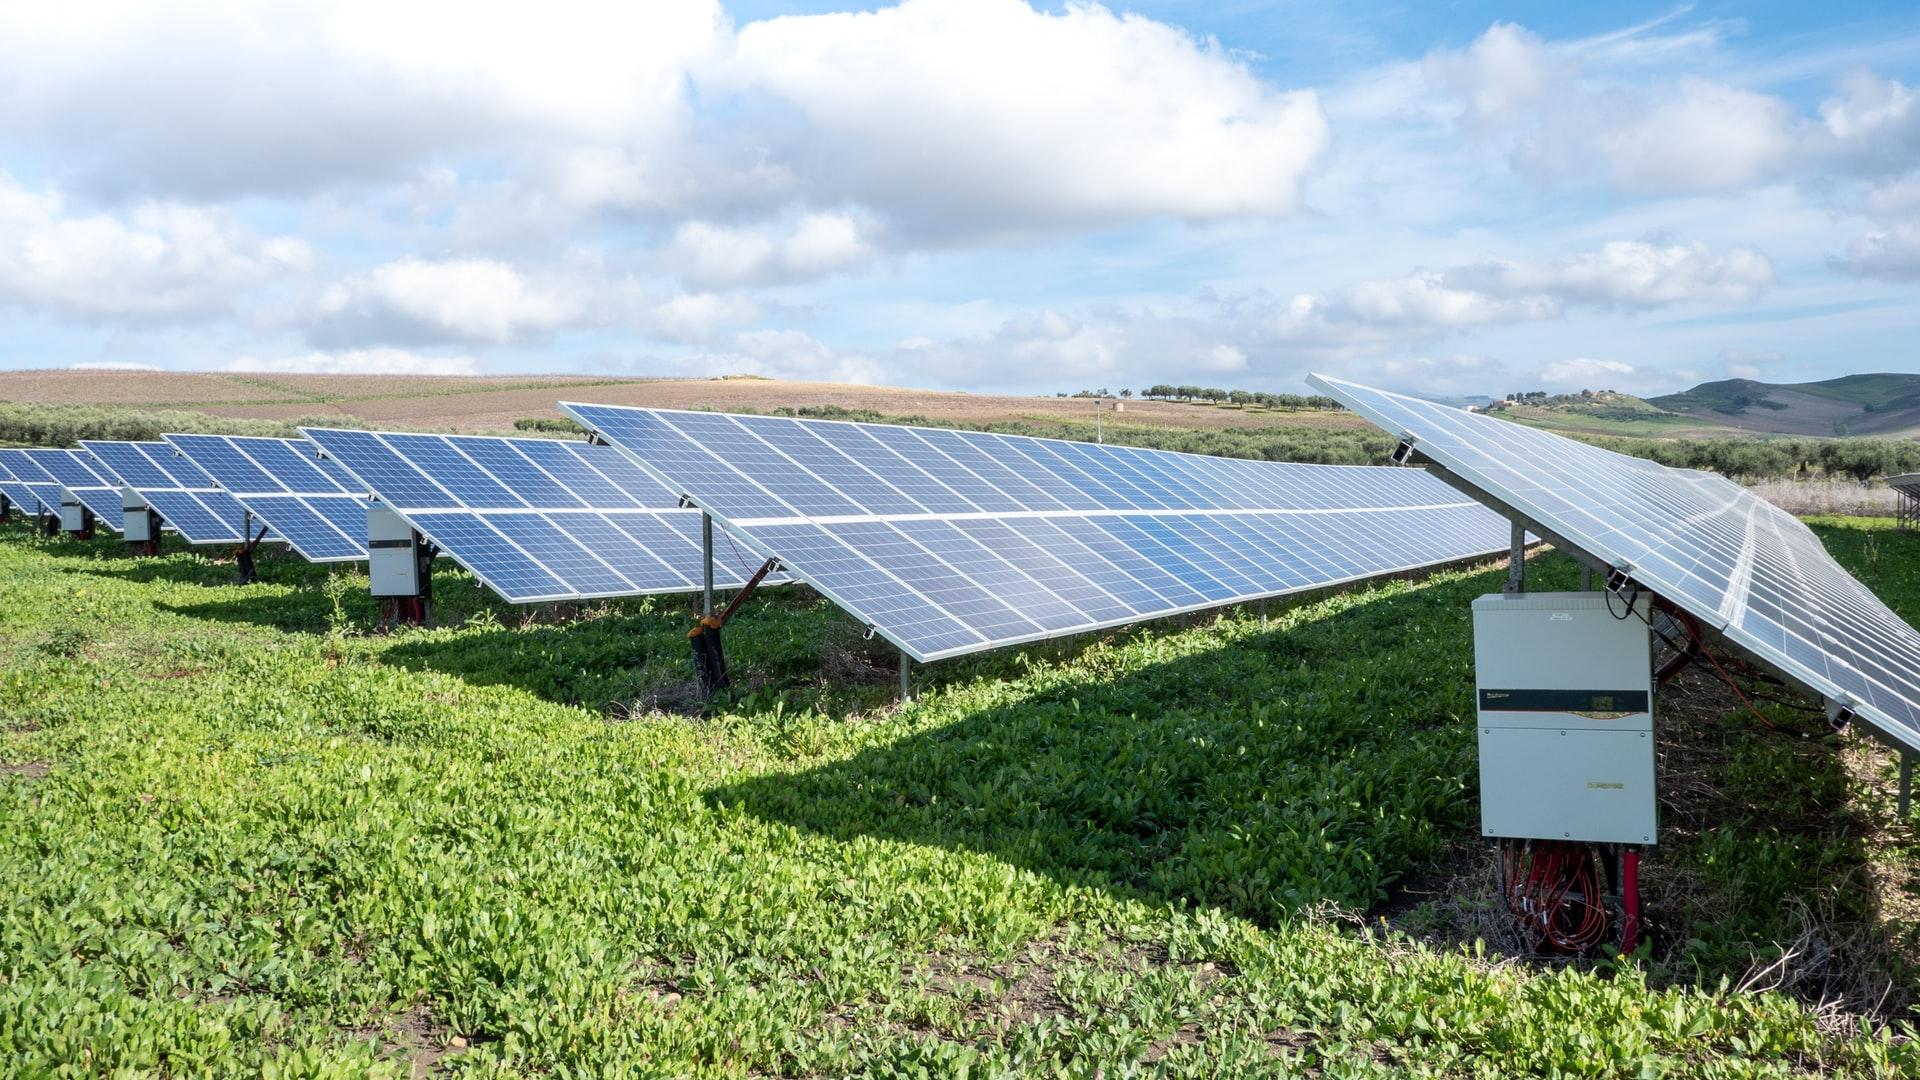 duurzame energie van de zon